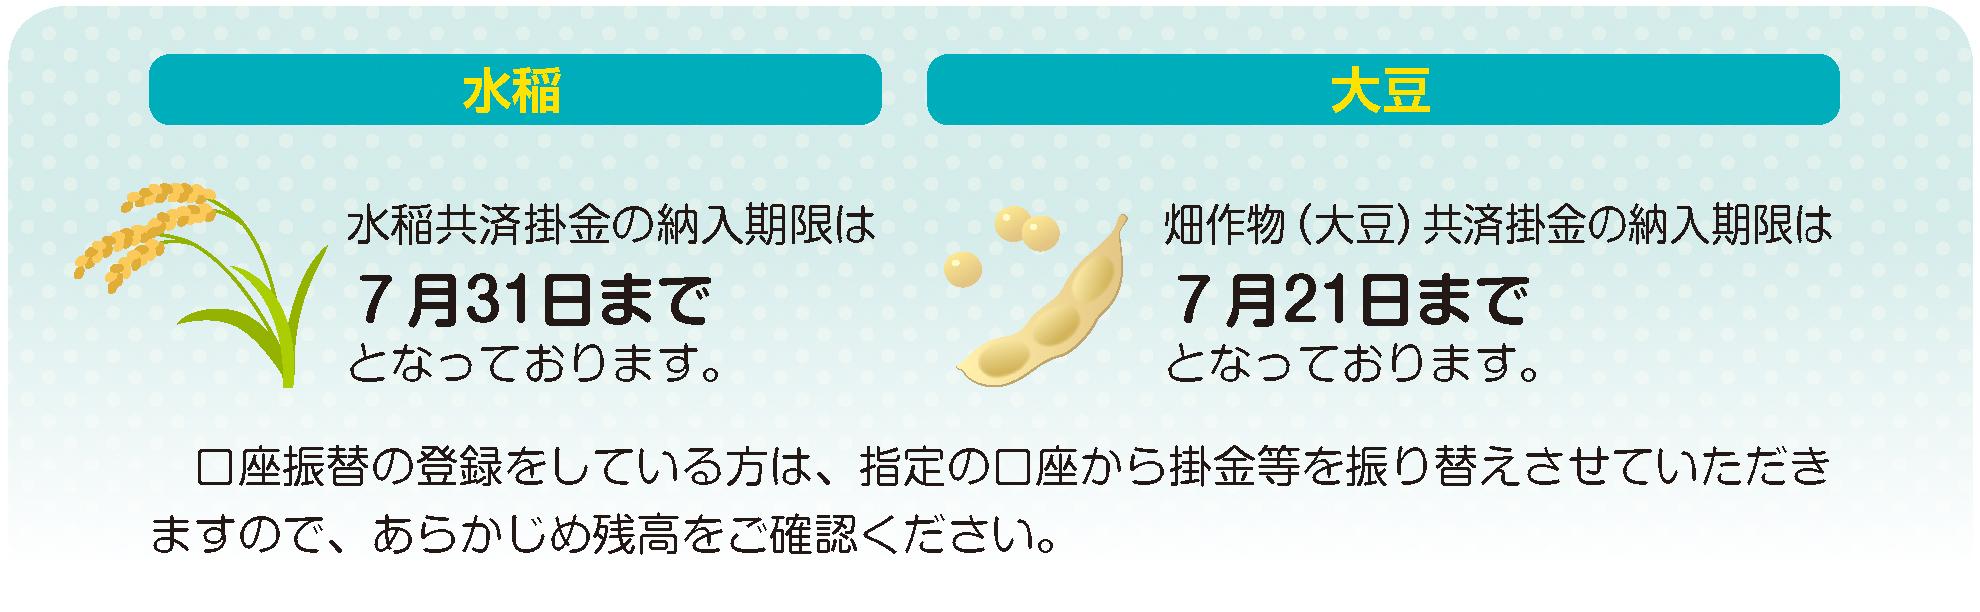 水稲は7月31日まで、畑作物(大豆)は7月21日まで